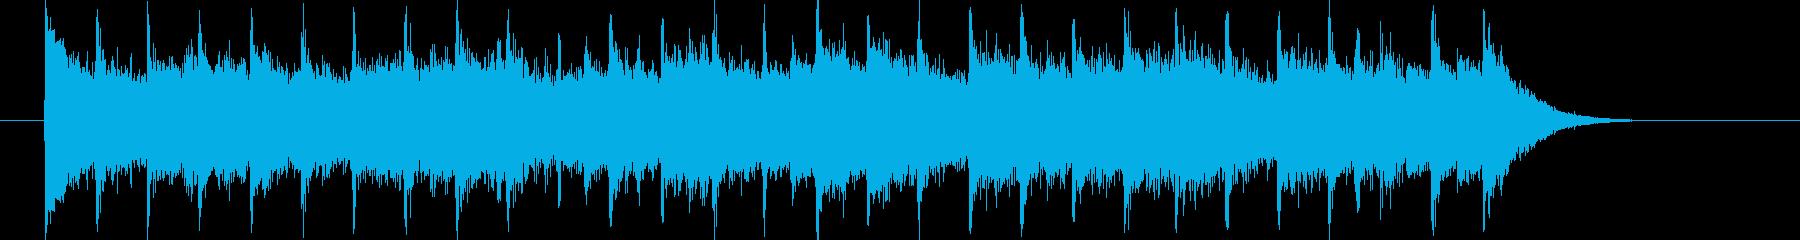 朗らかでリズミカルなピアノジングルの再生済みの波形